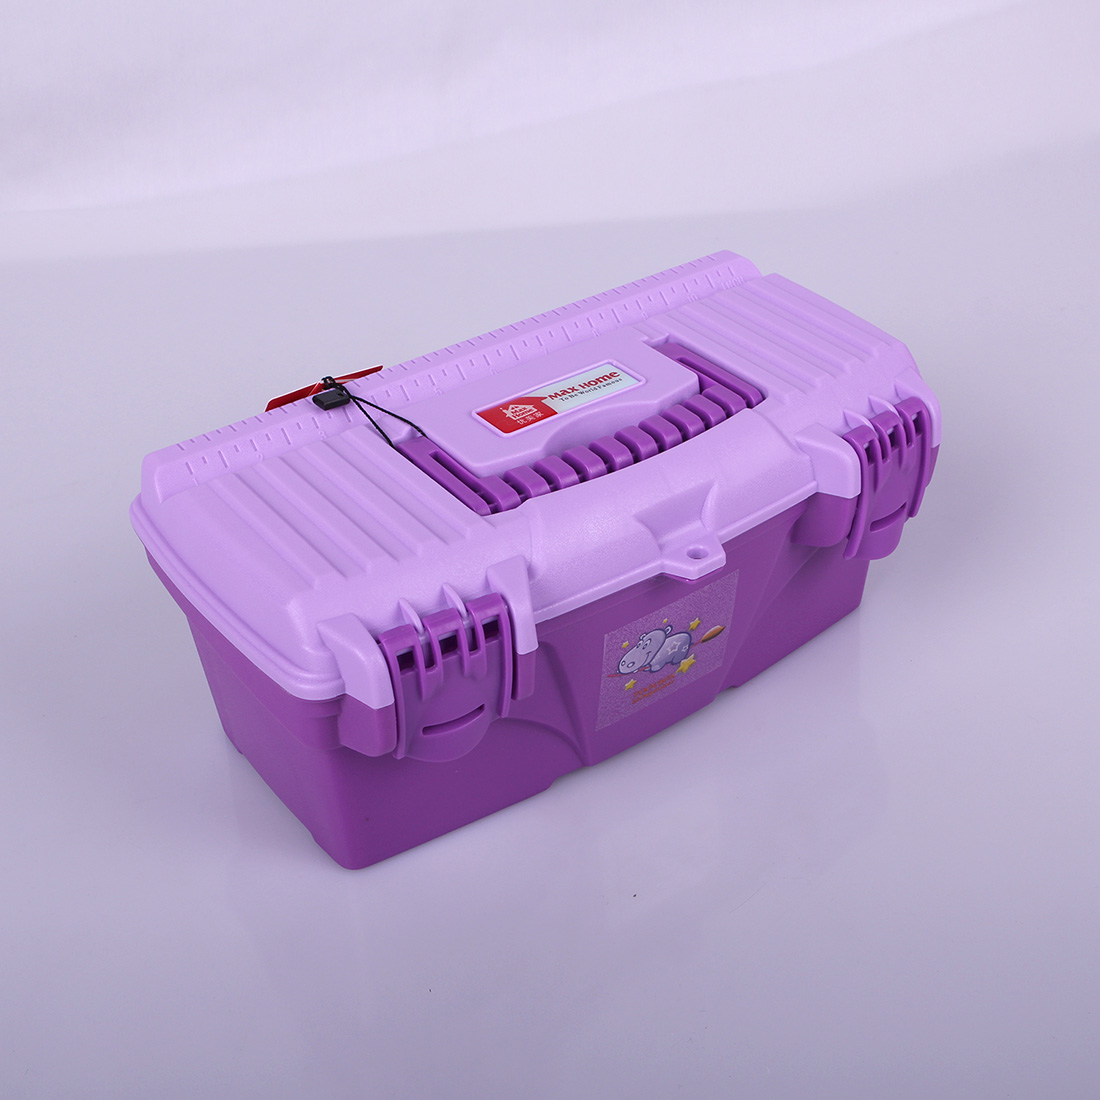 優美家兒童美術繪畫工具箱學生學習文具收納箱收納盒整理用具13寸